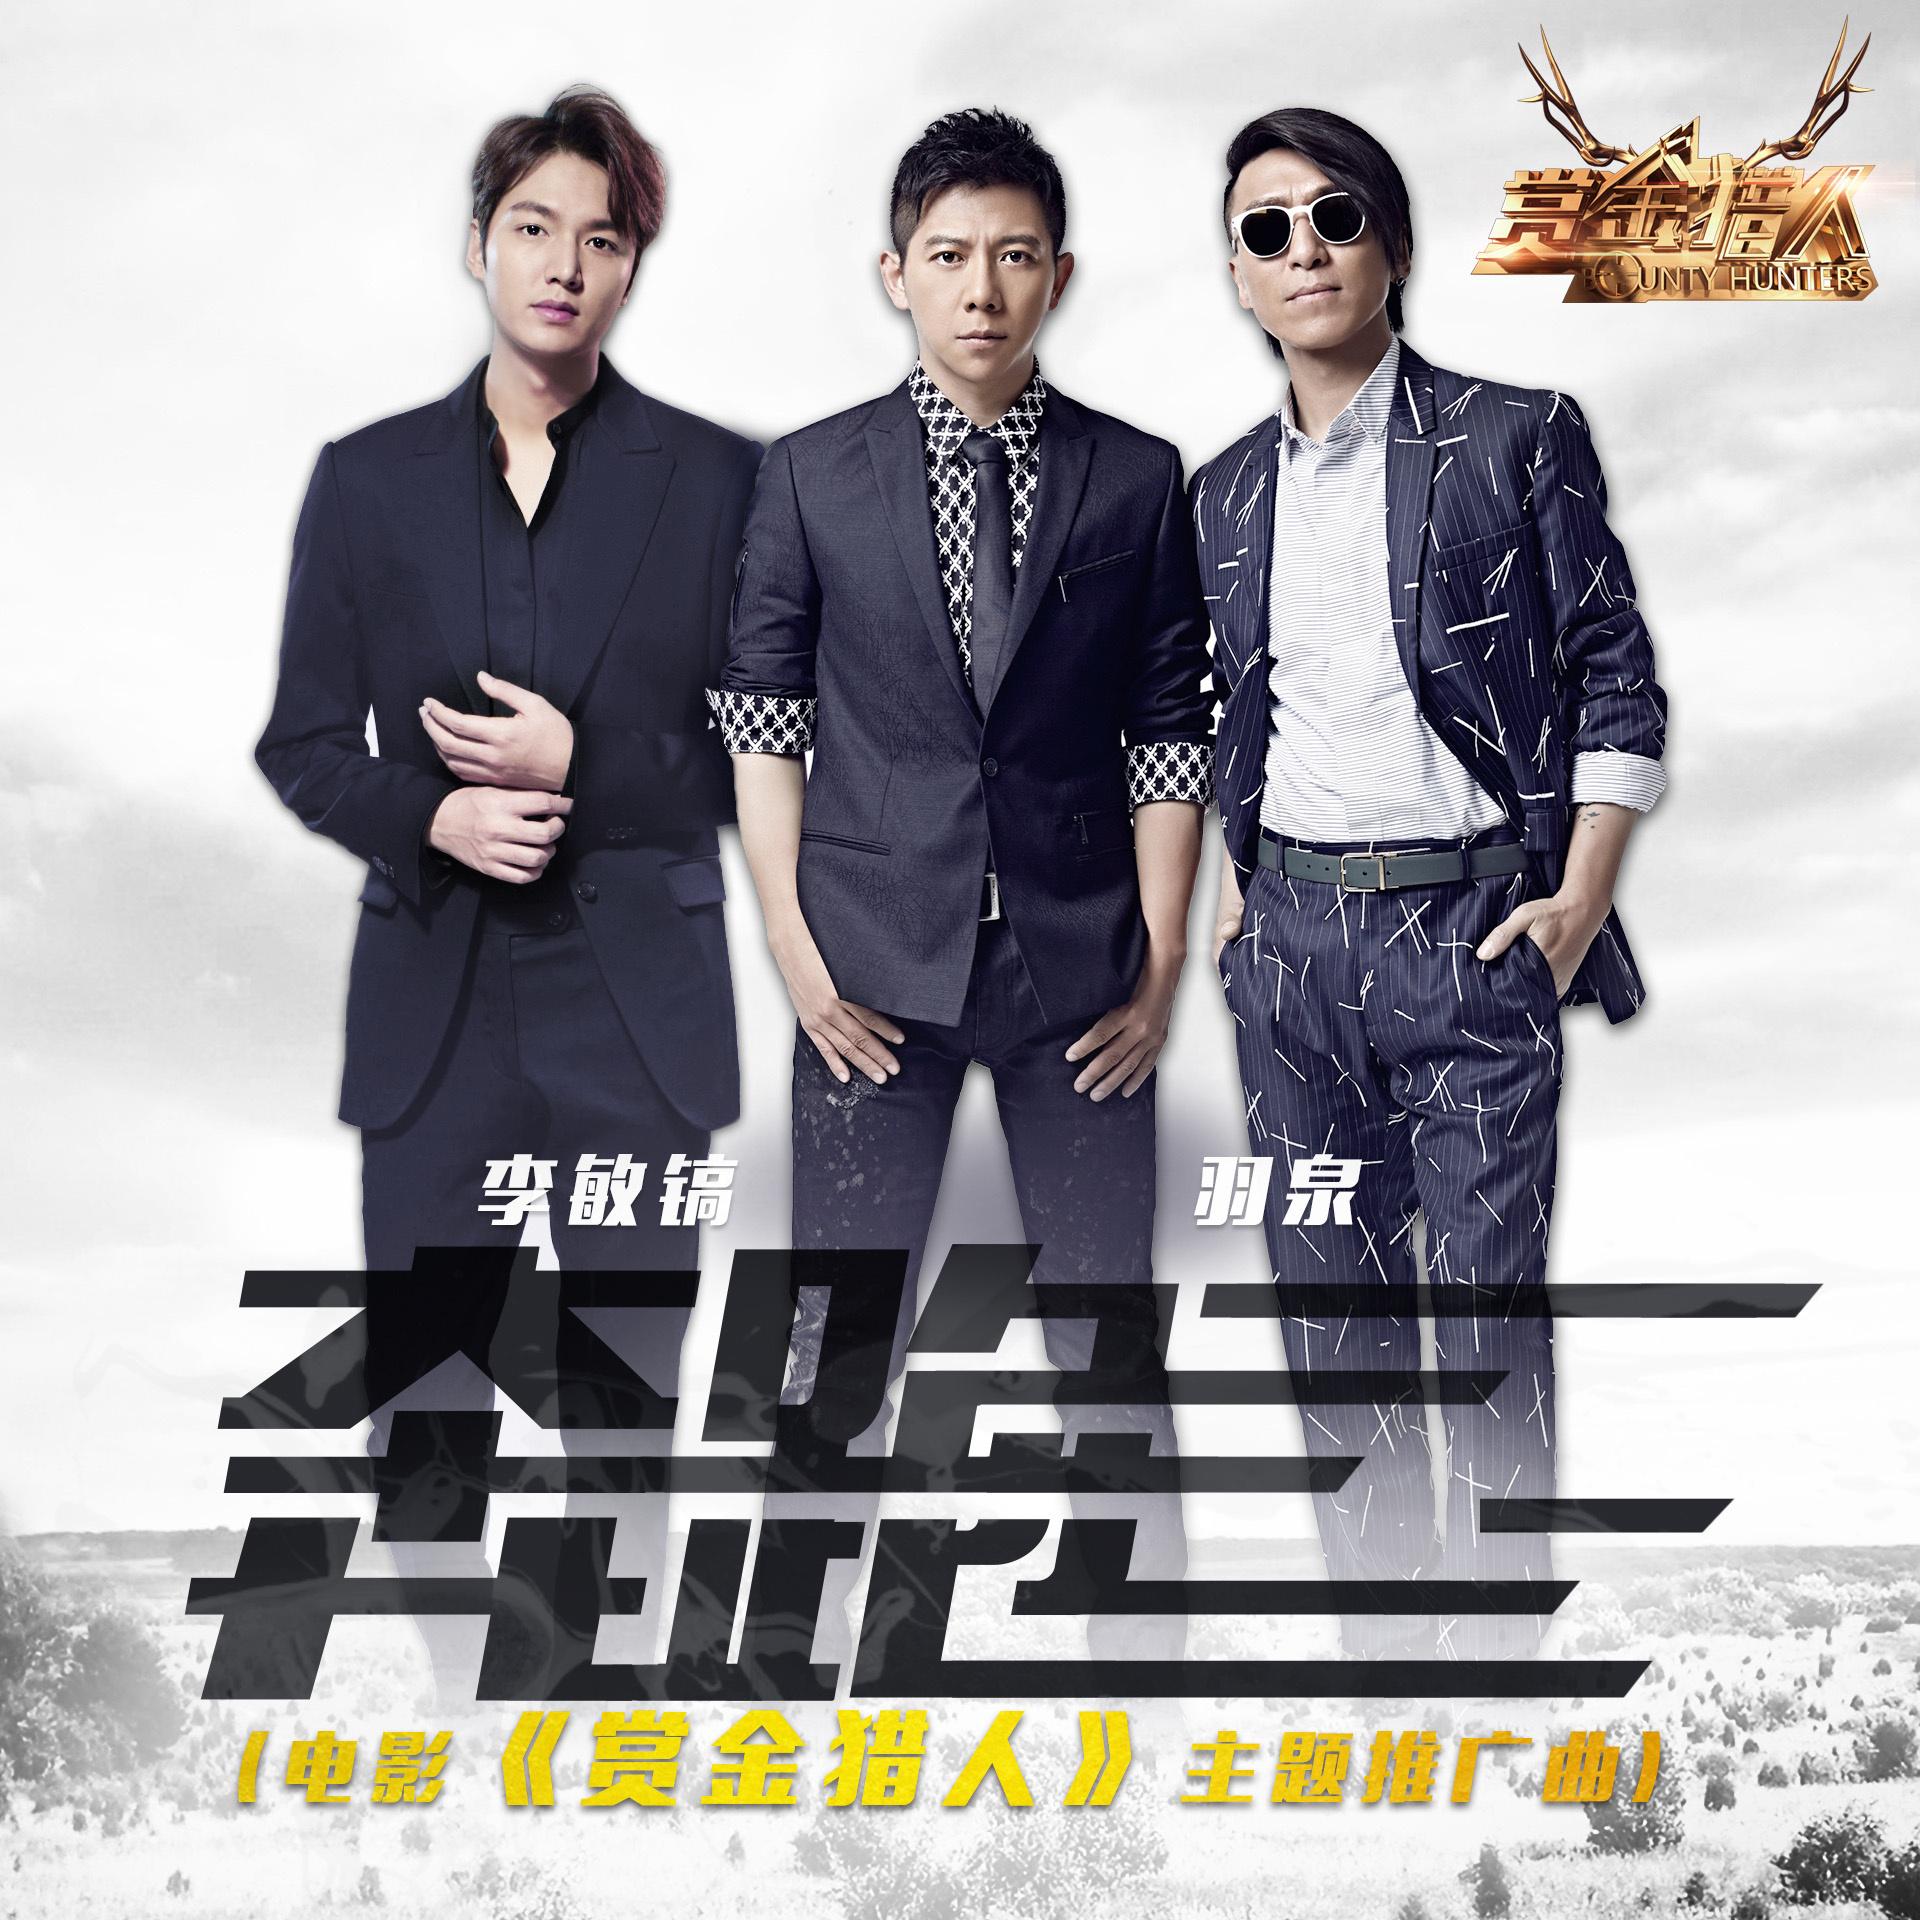 [Single] Lee Min Ho – 奔跑